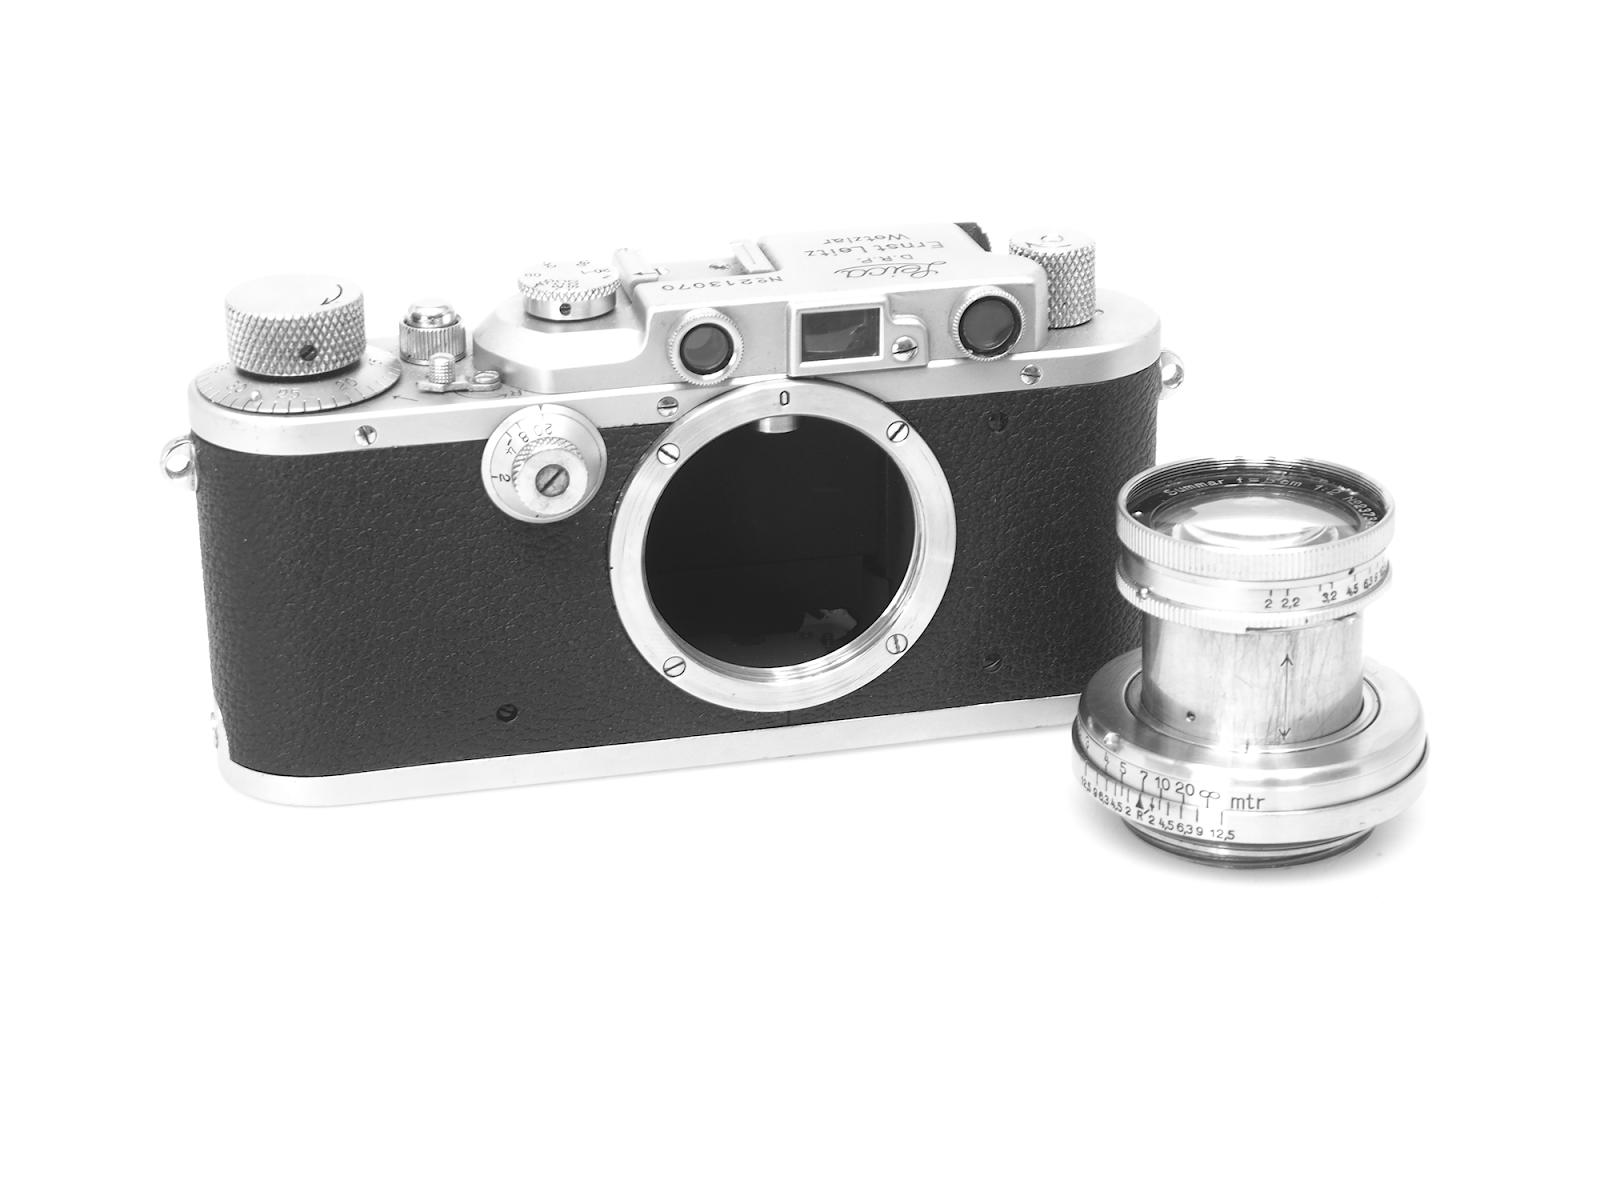 Leica Iii Entfernungsmesser : Knippsen leica iii